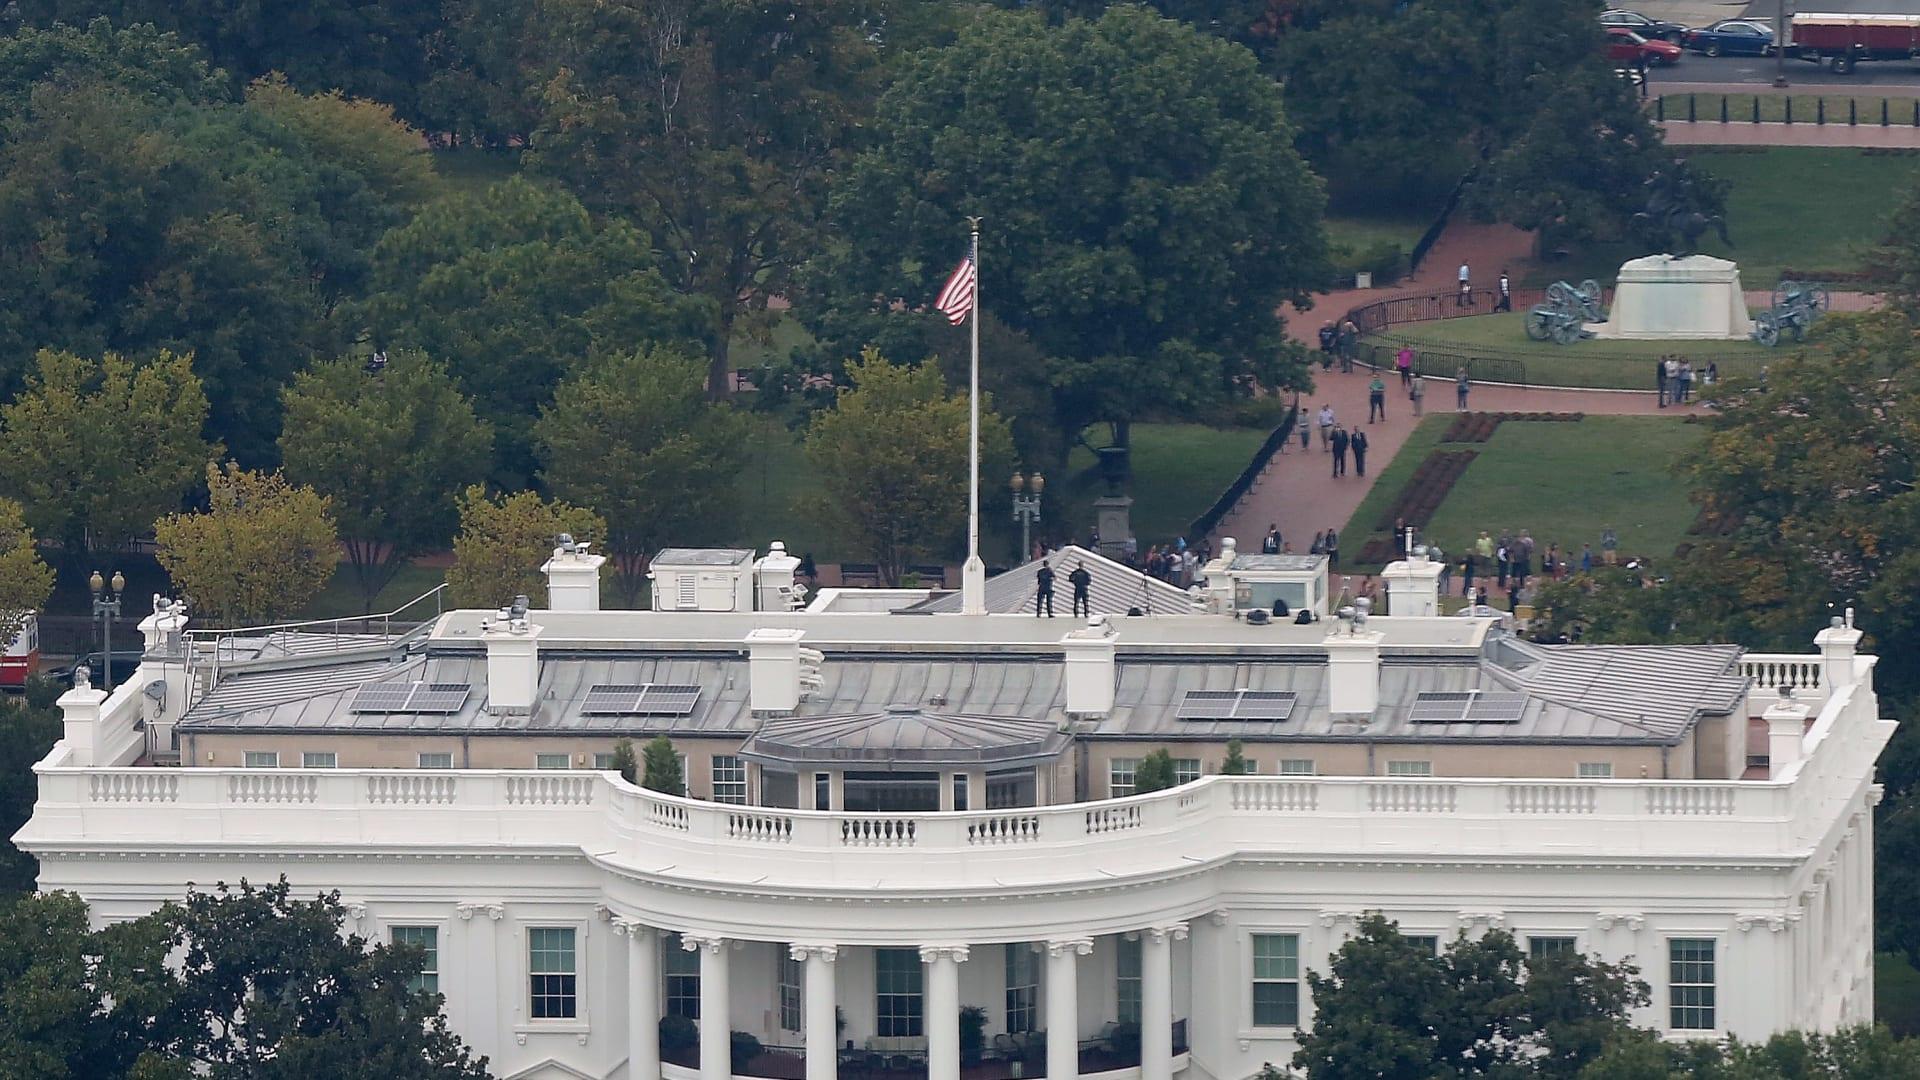 شاهد.. من أين جاء حجر بناء البيت الأبيض؟